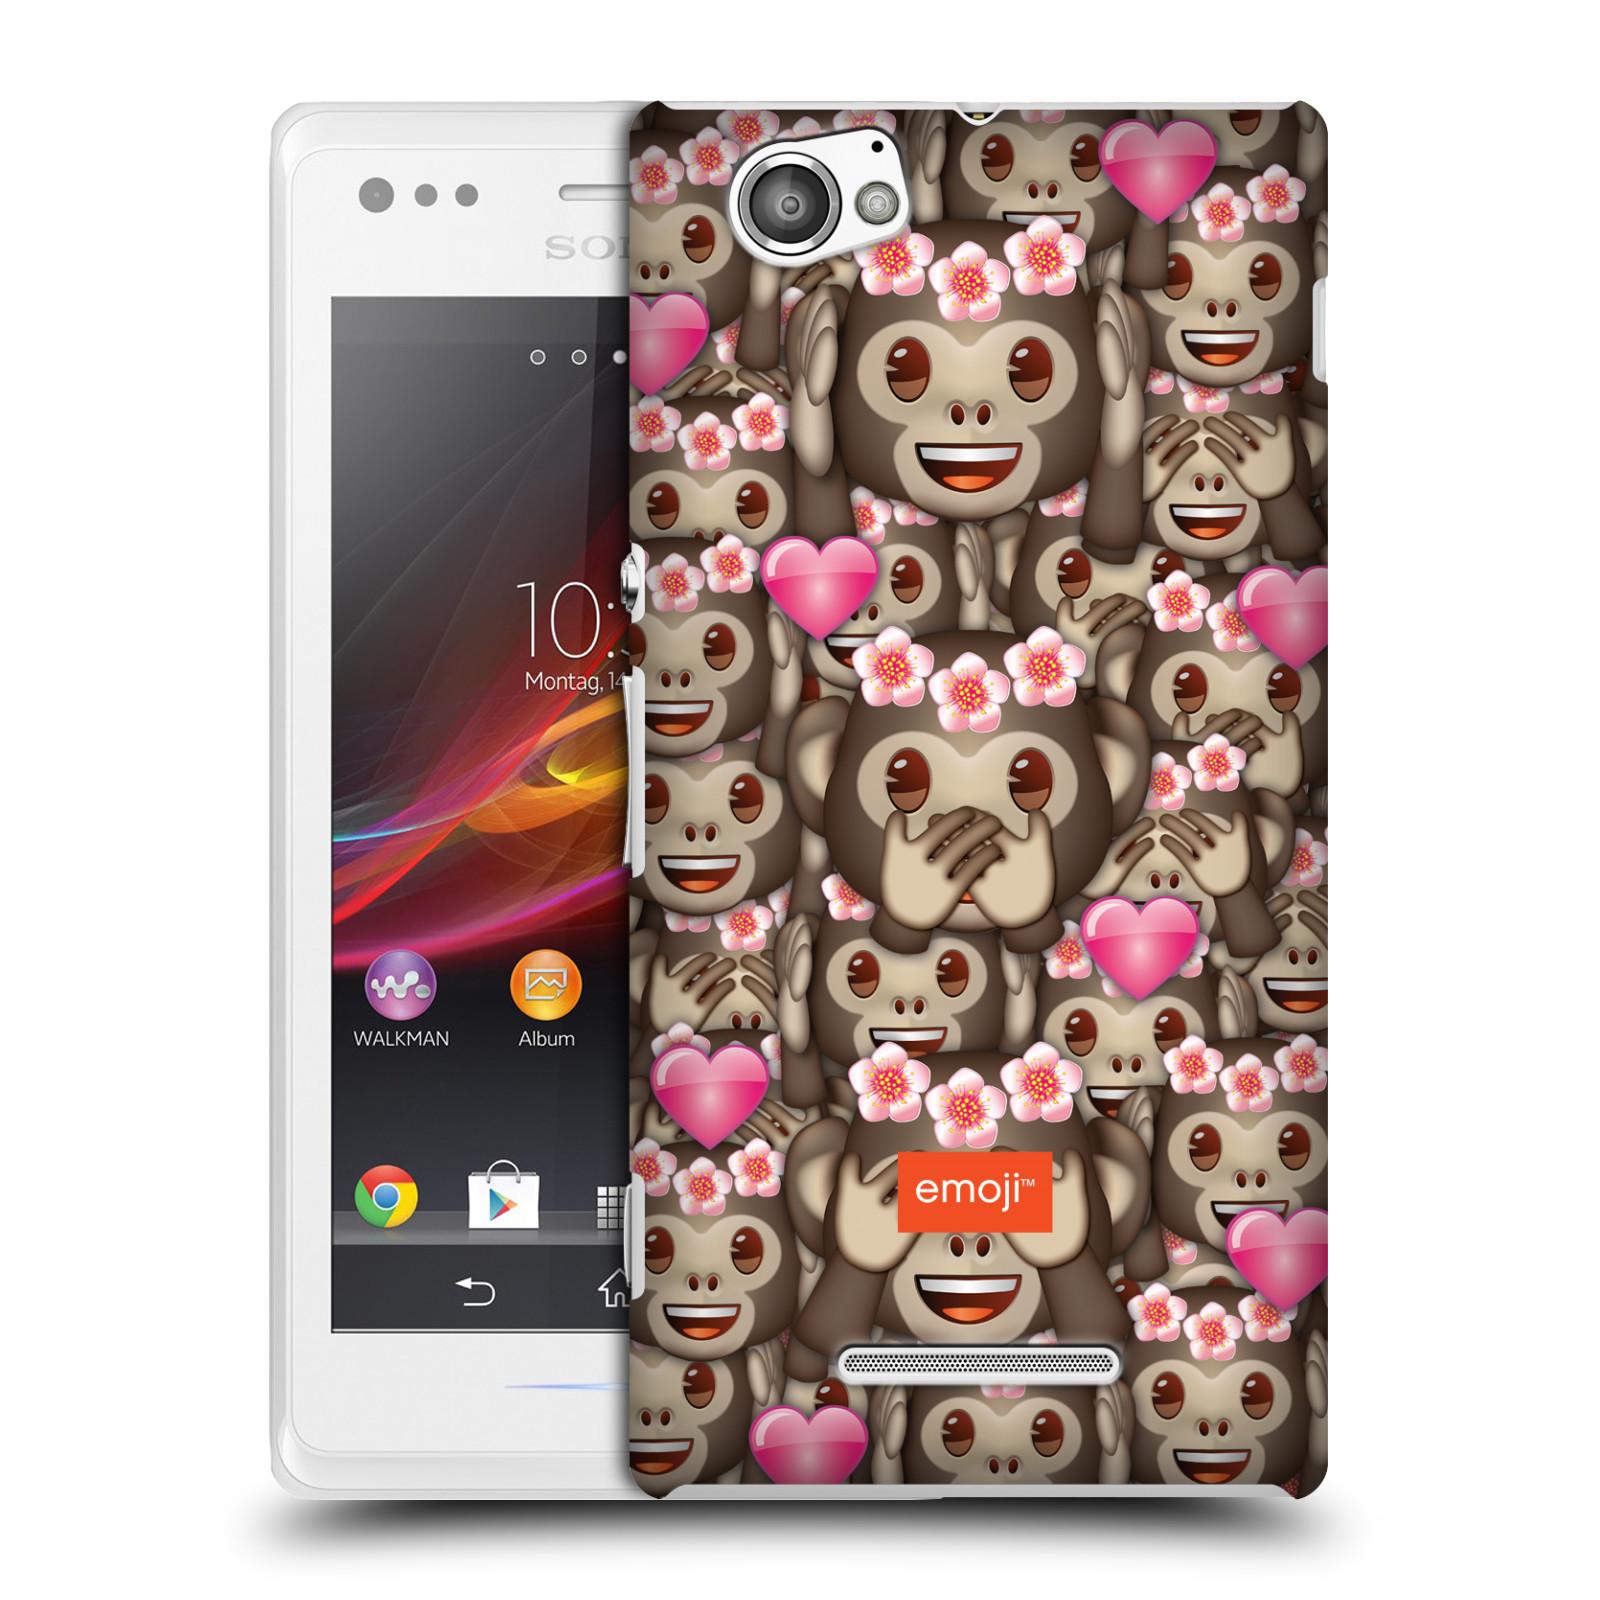 Plastové pouzdro na mobil Sony Xperia M C1905 HEAD CASE EMOJI - Opičky, srdíčka a kytičky (Kryt či obal s oficiálním motivem EMOJI na mobilní telefon Sony Xperia M )